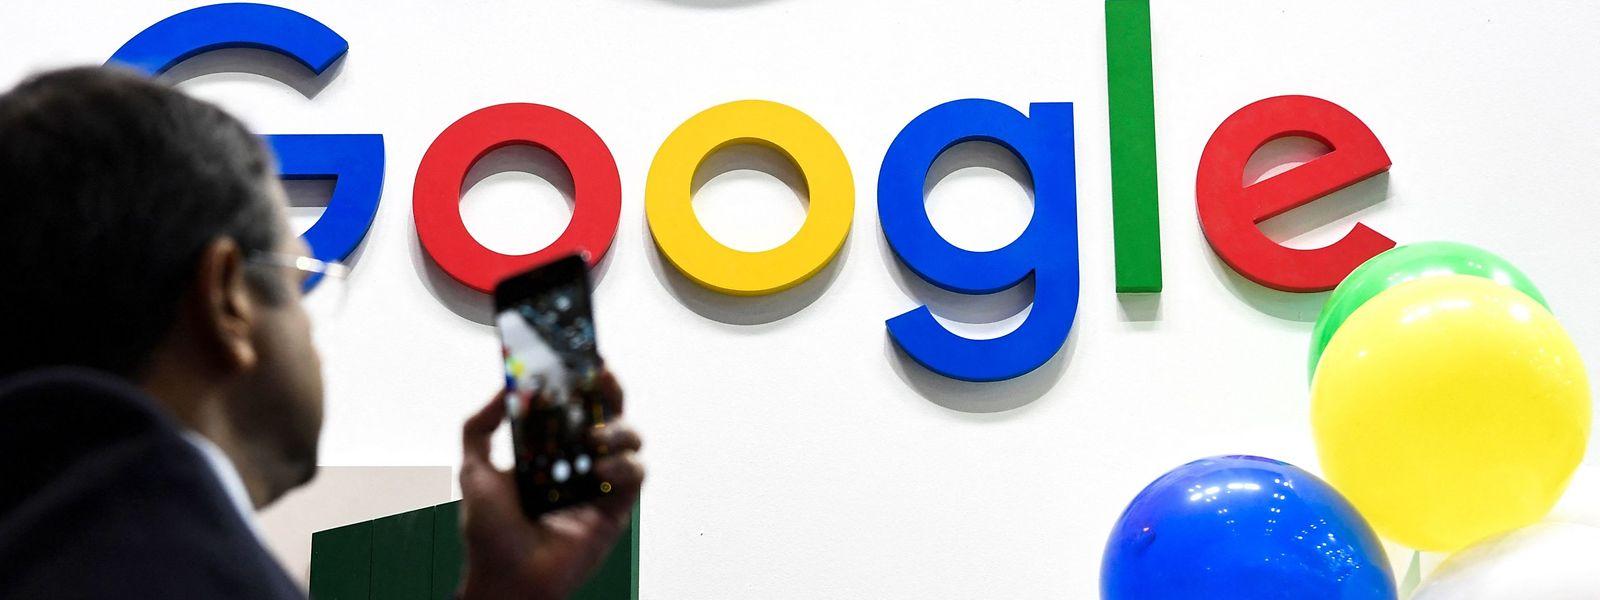 Google gelobt Besserung und will mit den französischen Behörden zusammenarbeiten.